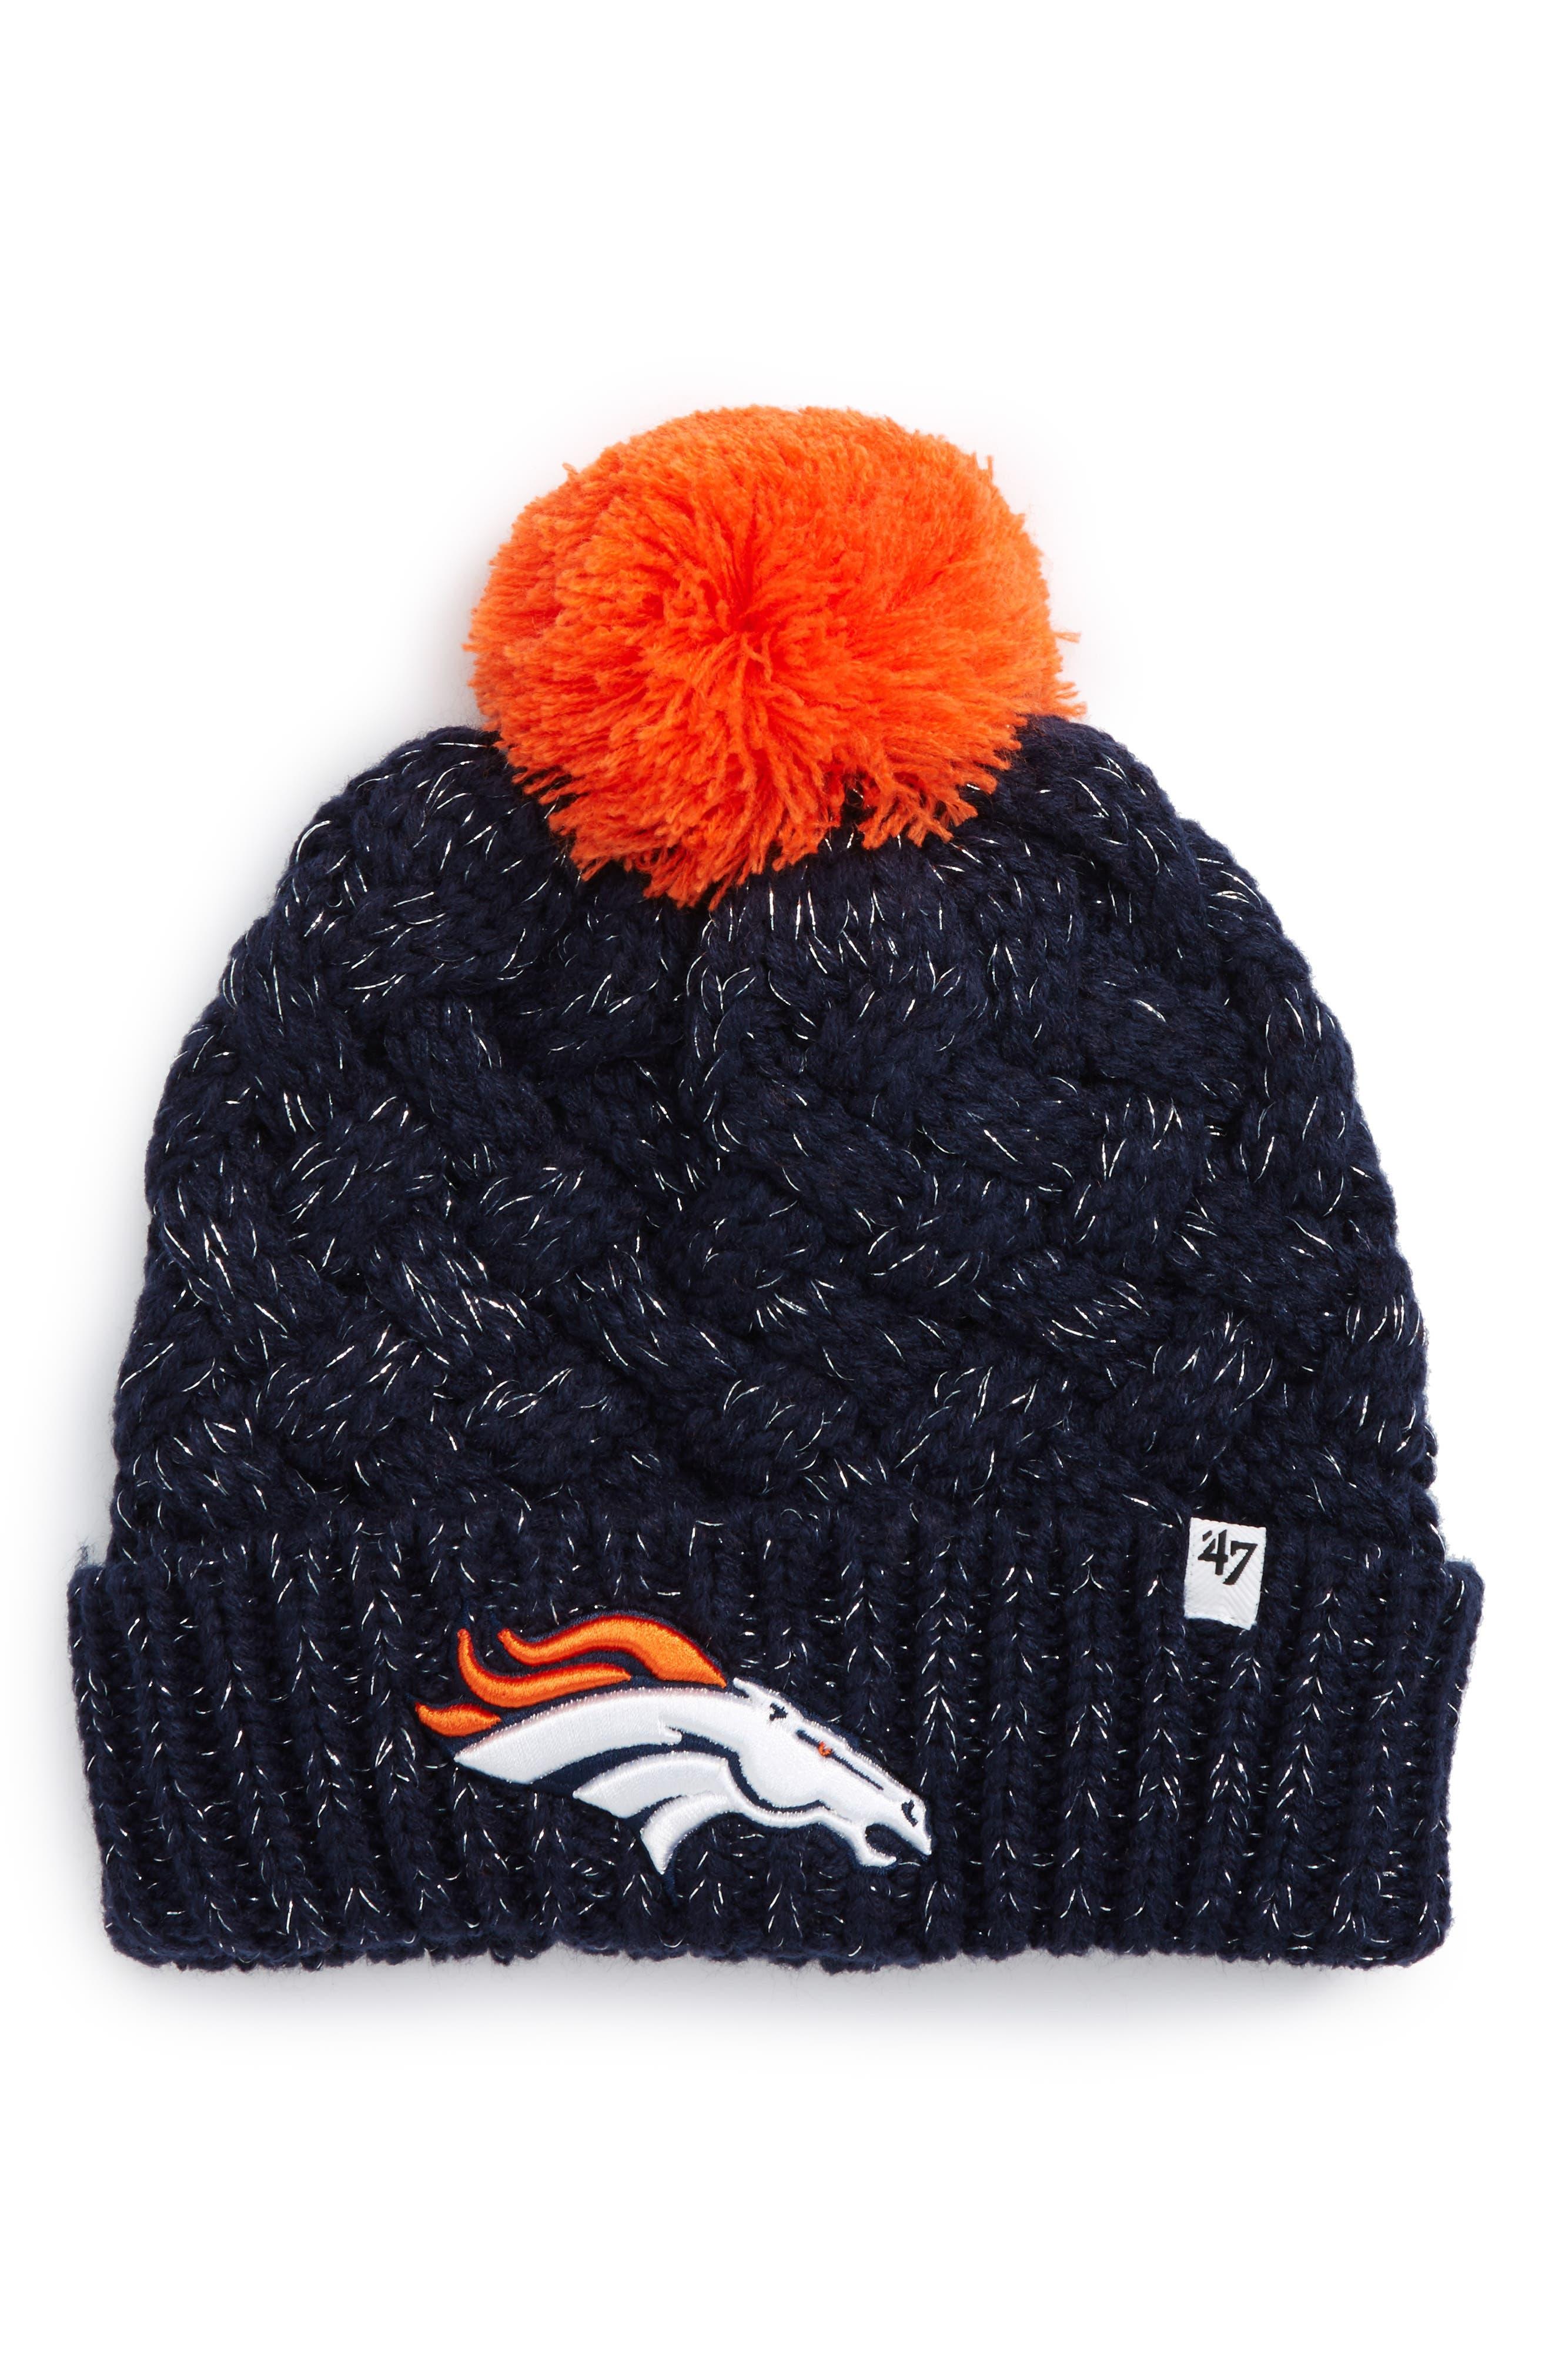 Fiona Denver Broncos Pom Beanie,                         Main,                         color, 410